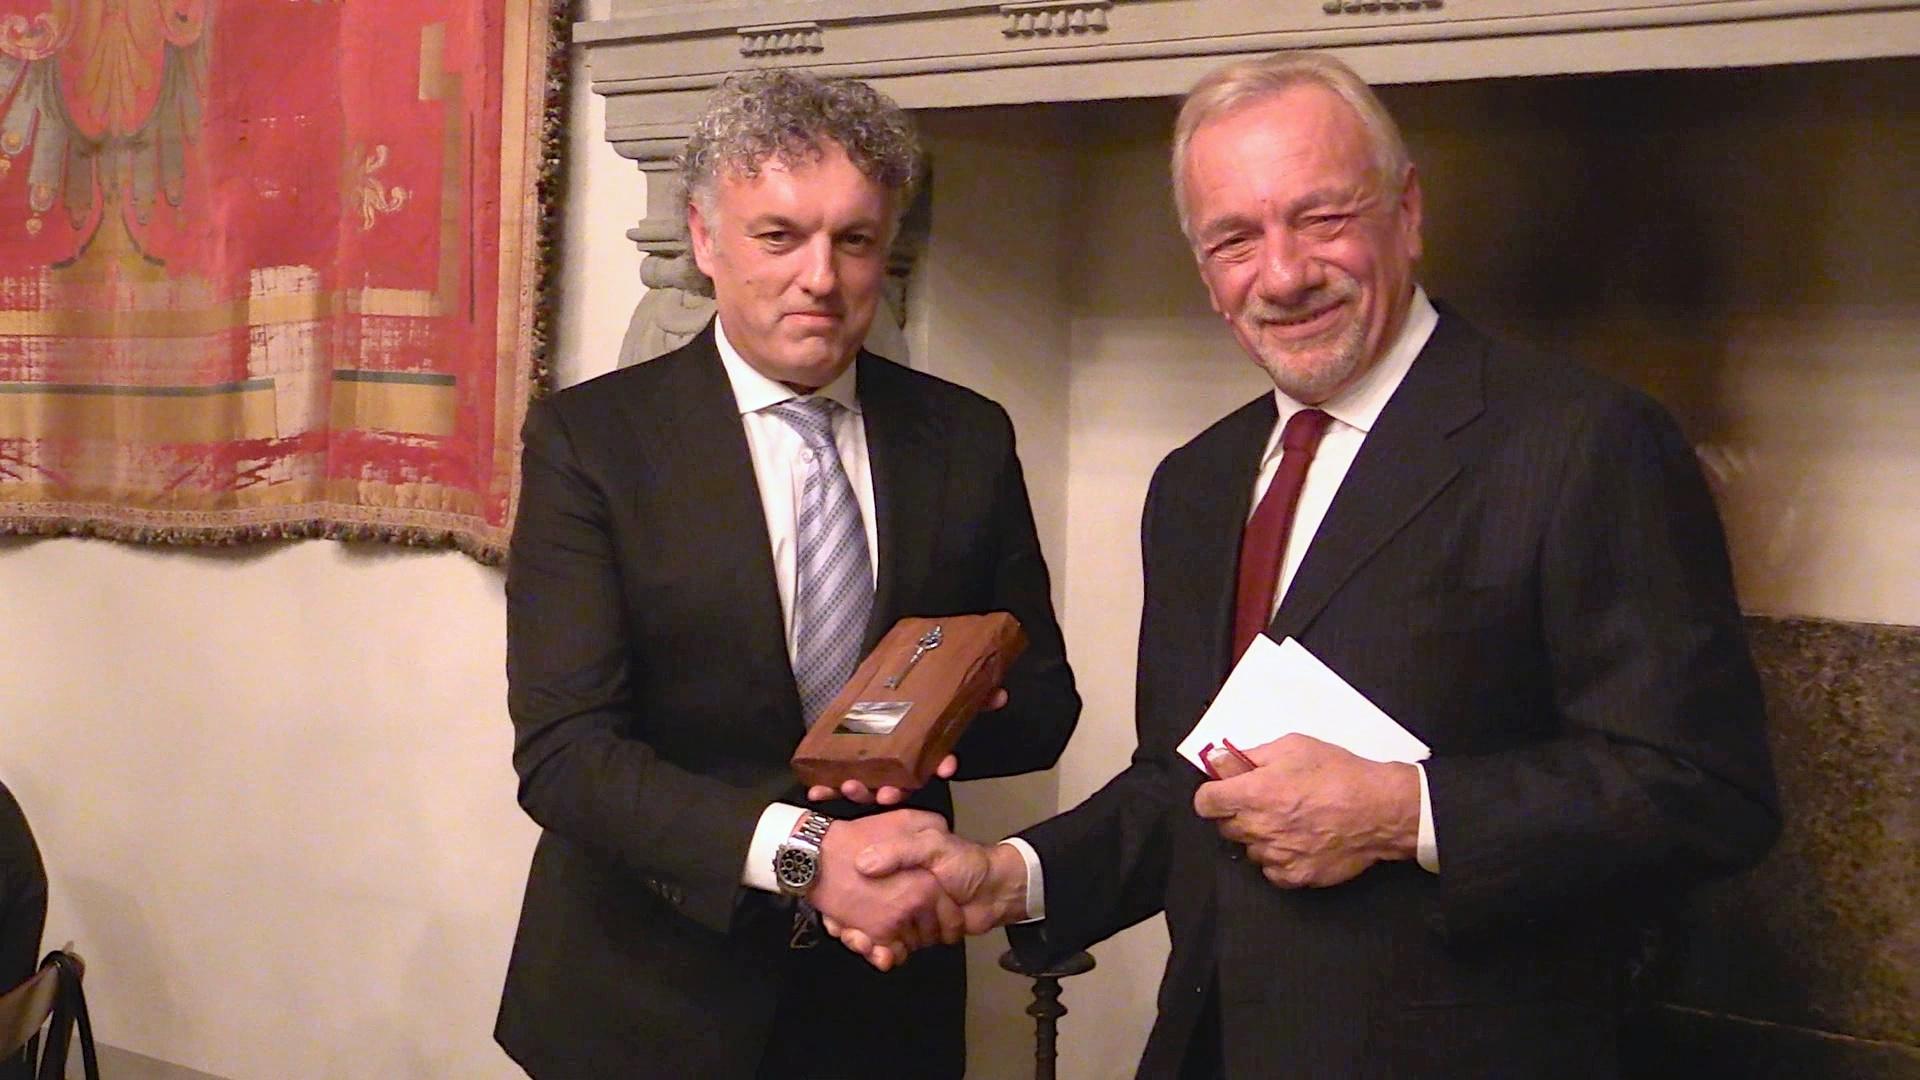 Consegnata la Chiave dell'Amicizia all'imprenditore Marco Bartoletti